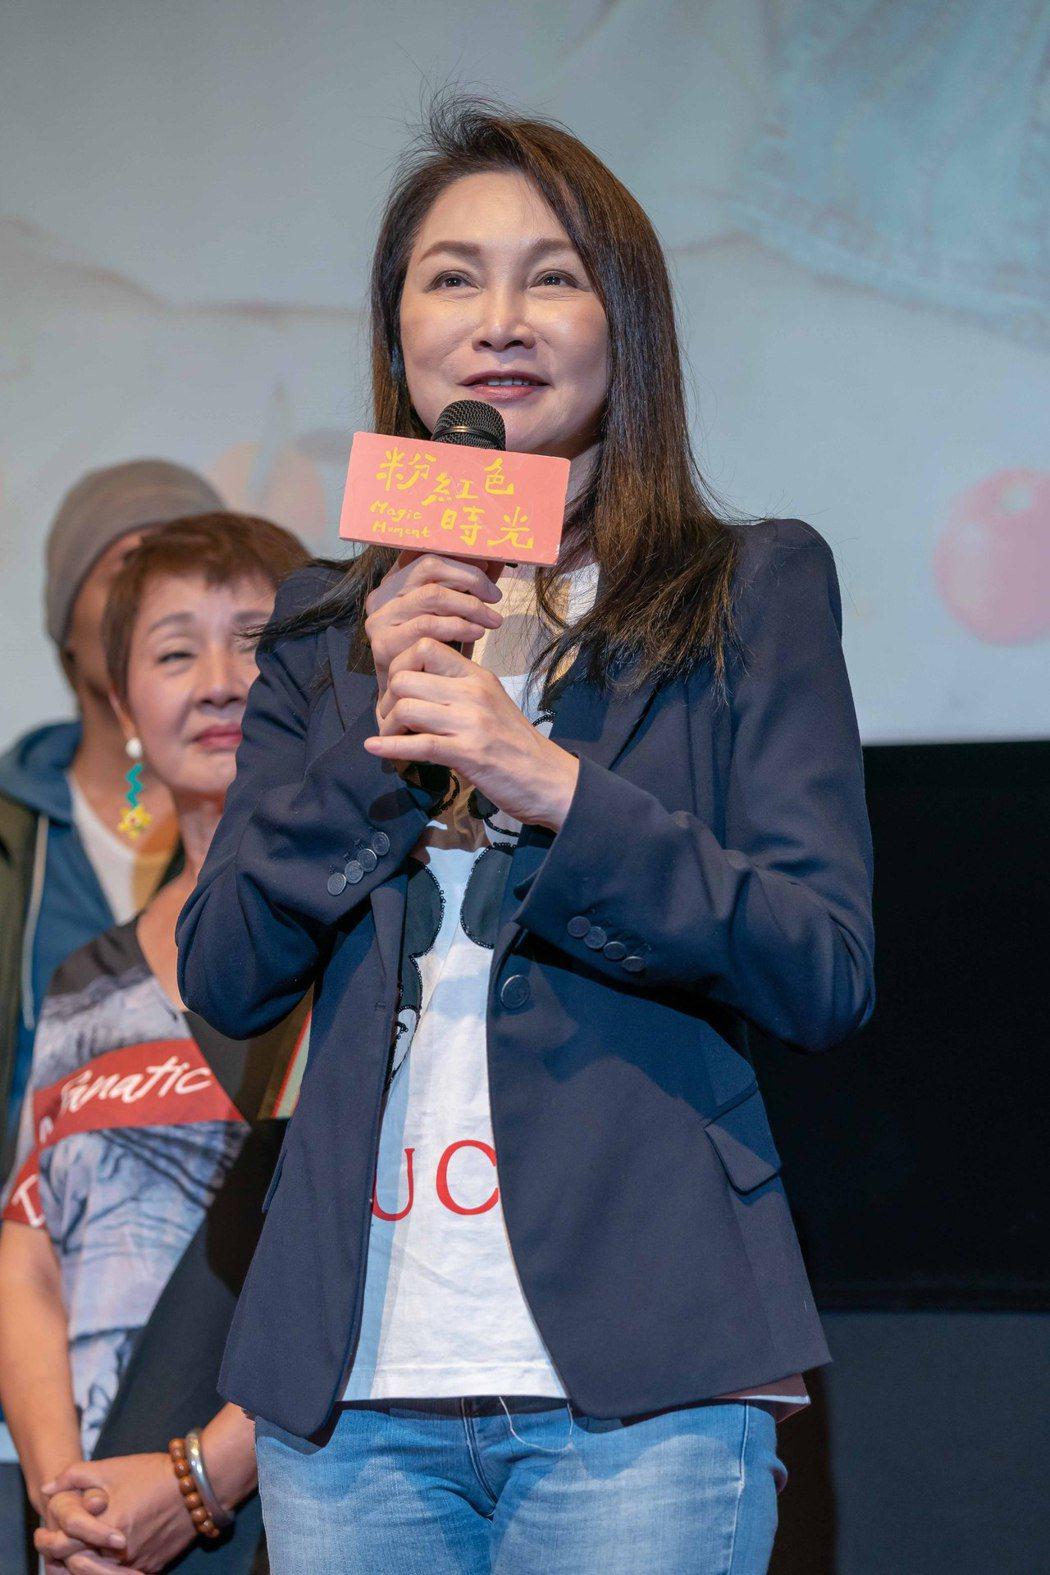 張瓊姿在「粉紅色時光」中演出與以往不同的角色。圖/TVBS提供